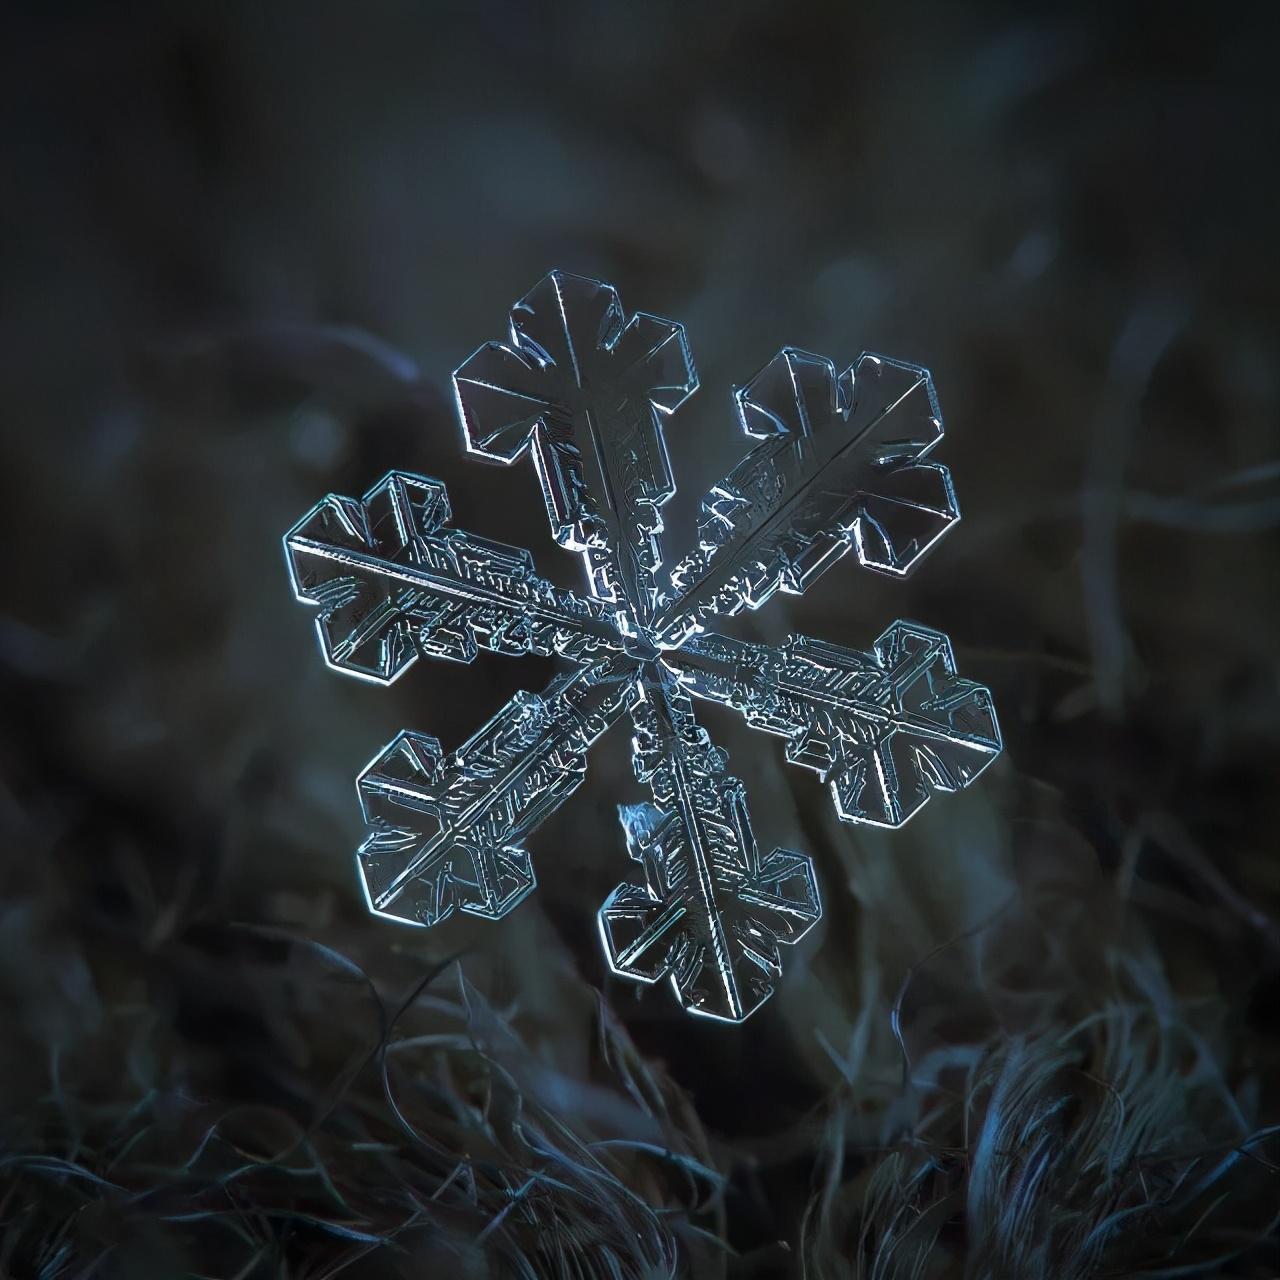 他用一部烂相机,花10年时间只拍一朵雪花,照片放大后被震撼了